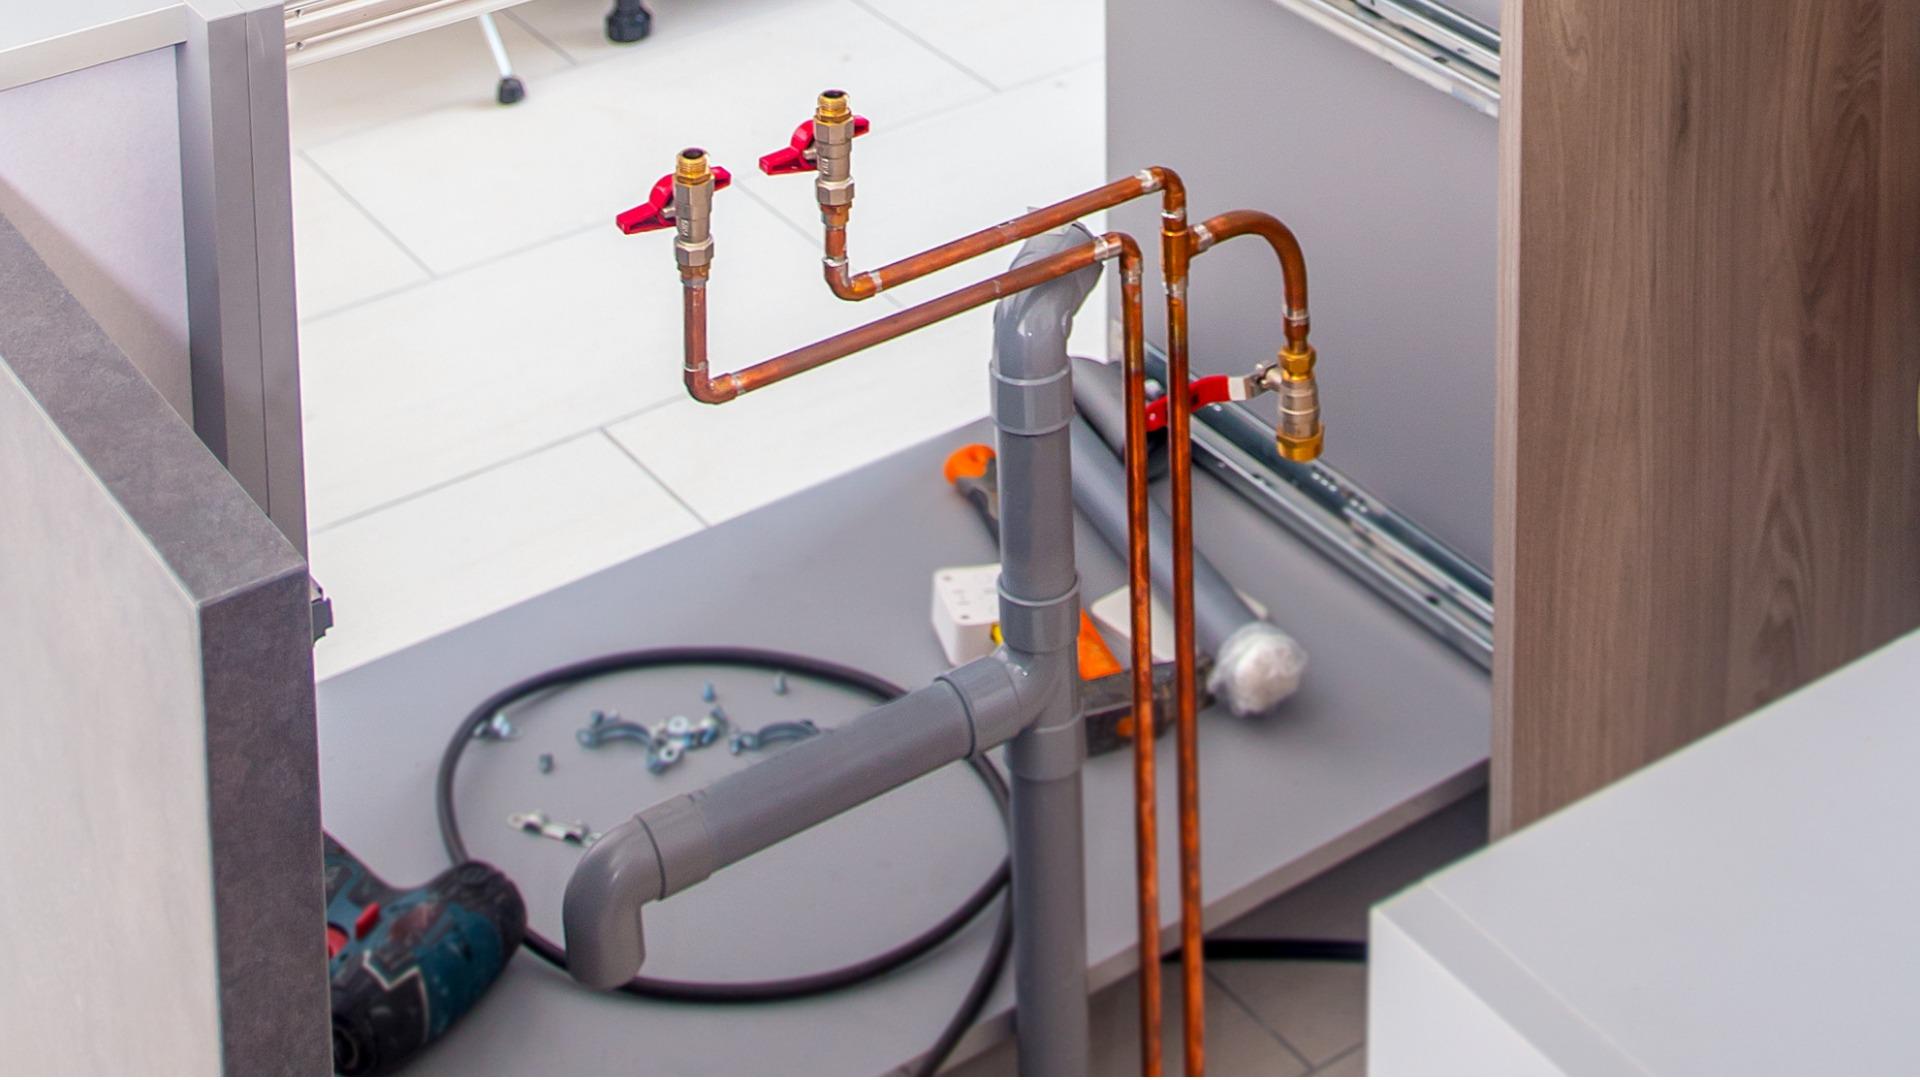 Peinture Pour Lave Vaisselle installation / déplacement d'arrivée et d'évacuation d'eau pour  électroménager et évier